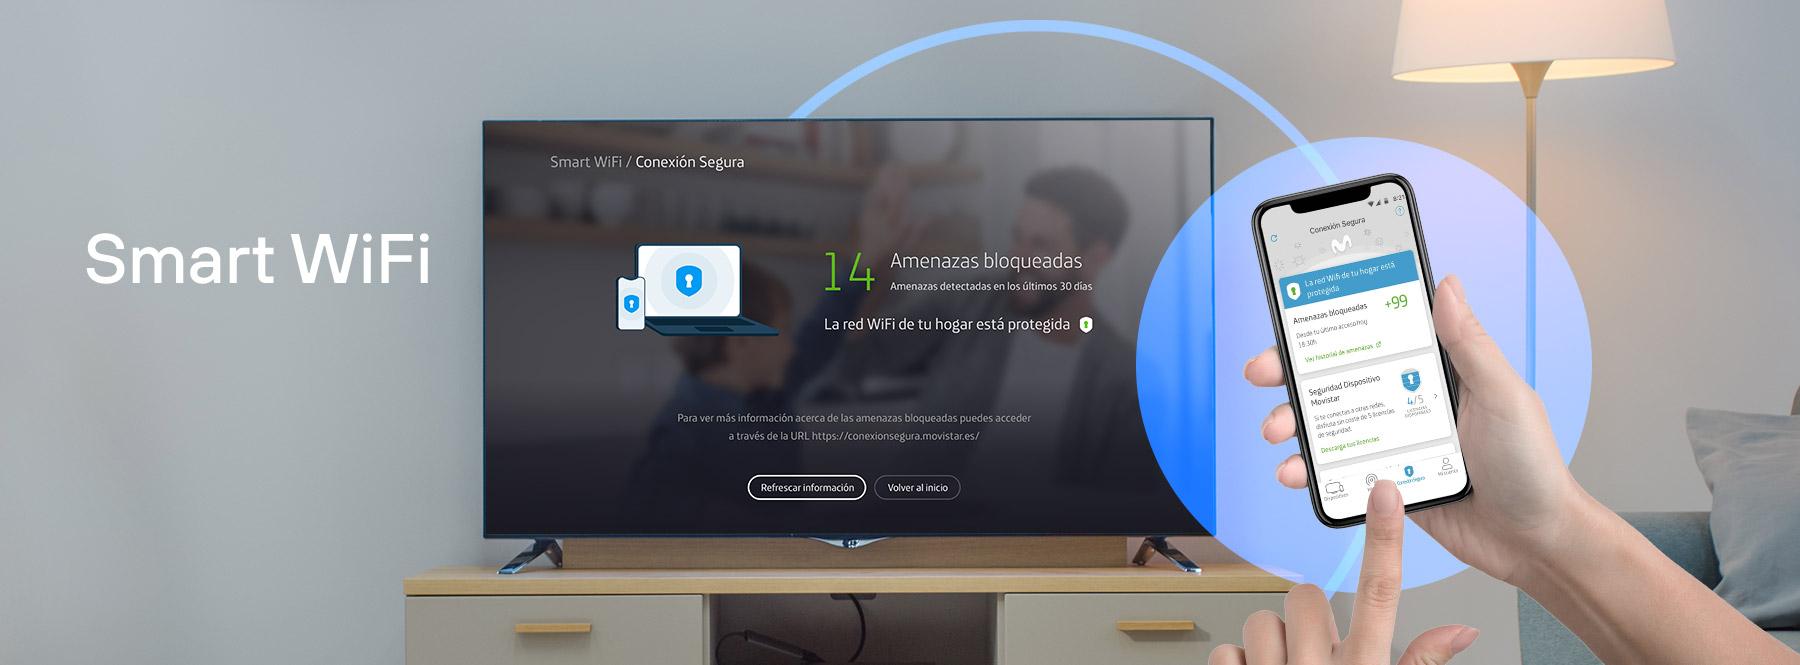 Cómo activar Conexión Segura en la Living App y app móvil de Smart WiFi